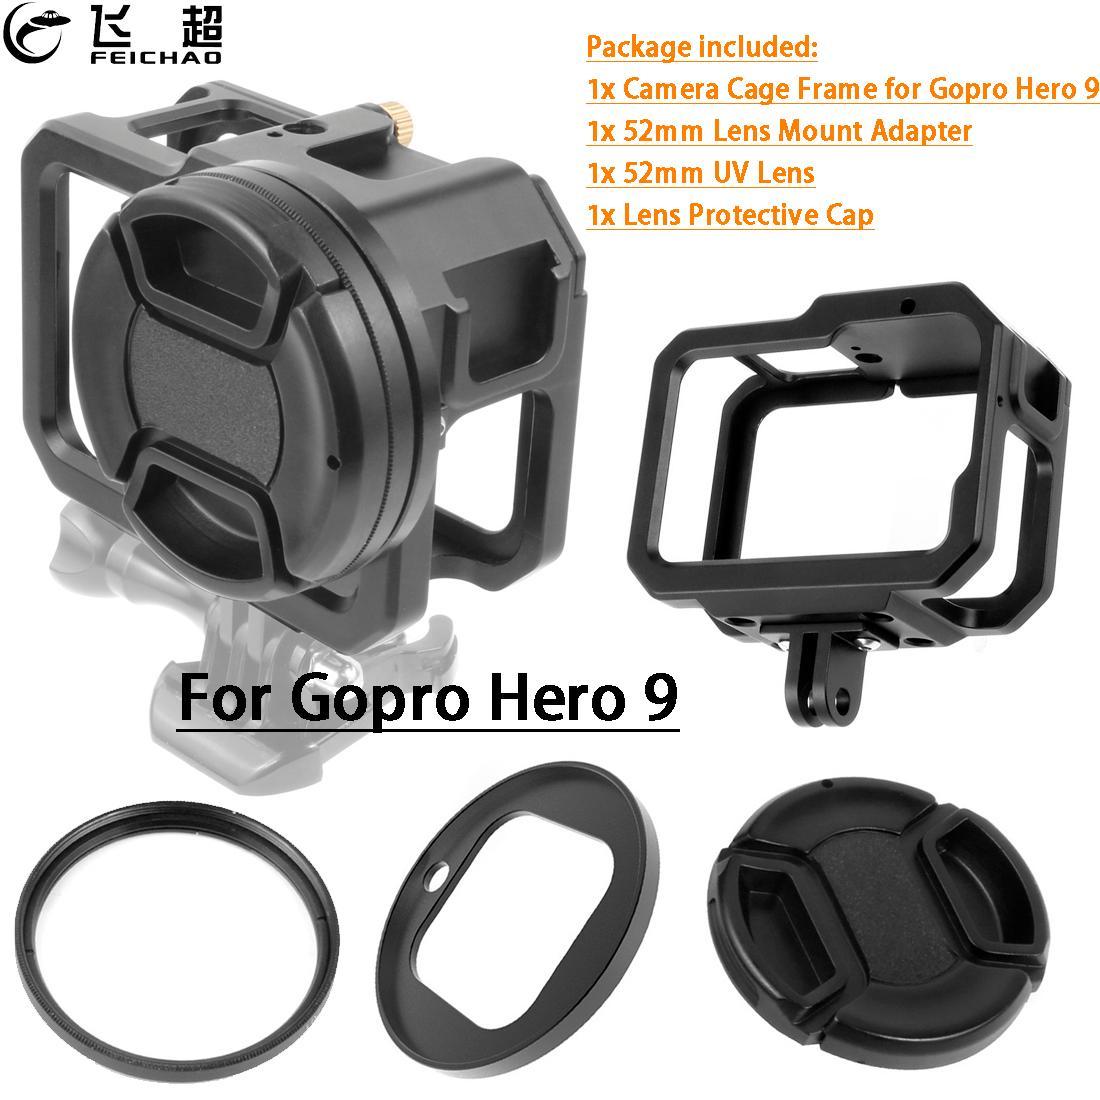 ل Gopro 9 المعادن واقية الإطار قفص تلاعب ل GoPro بطل 9 الأسود عمل كاميرا اكسسوارات واط 52 مللي متر UV عدسة تصفية جبل محول